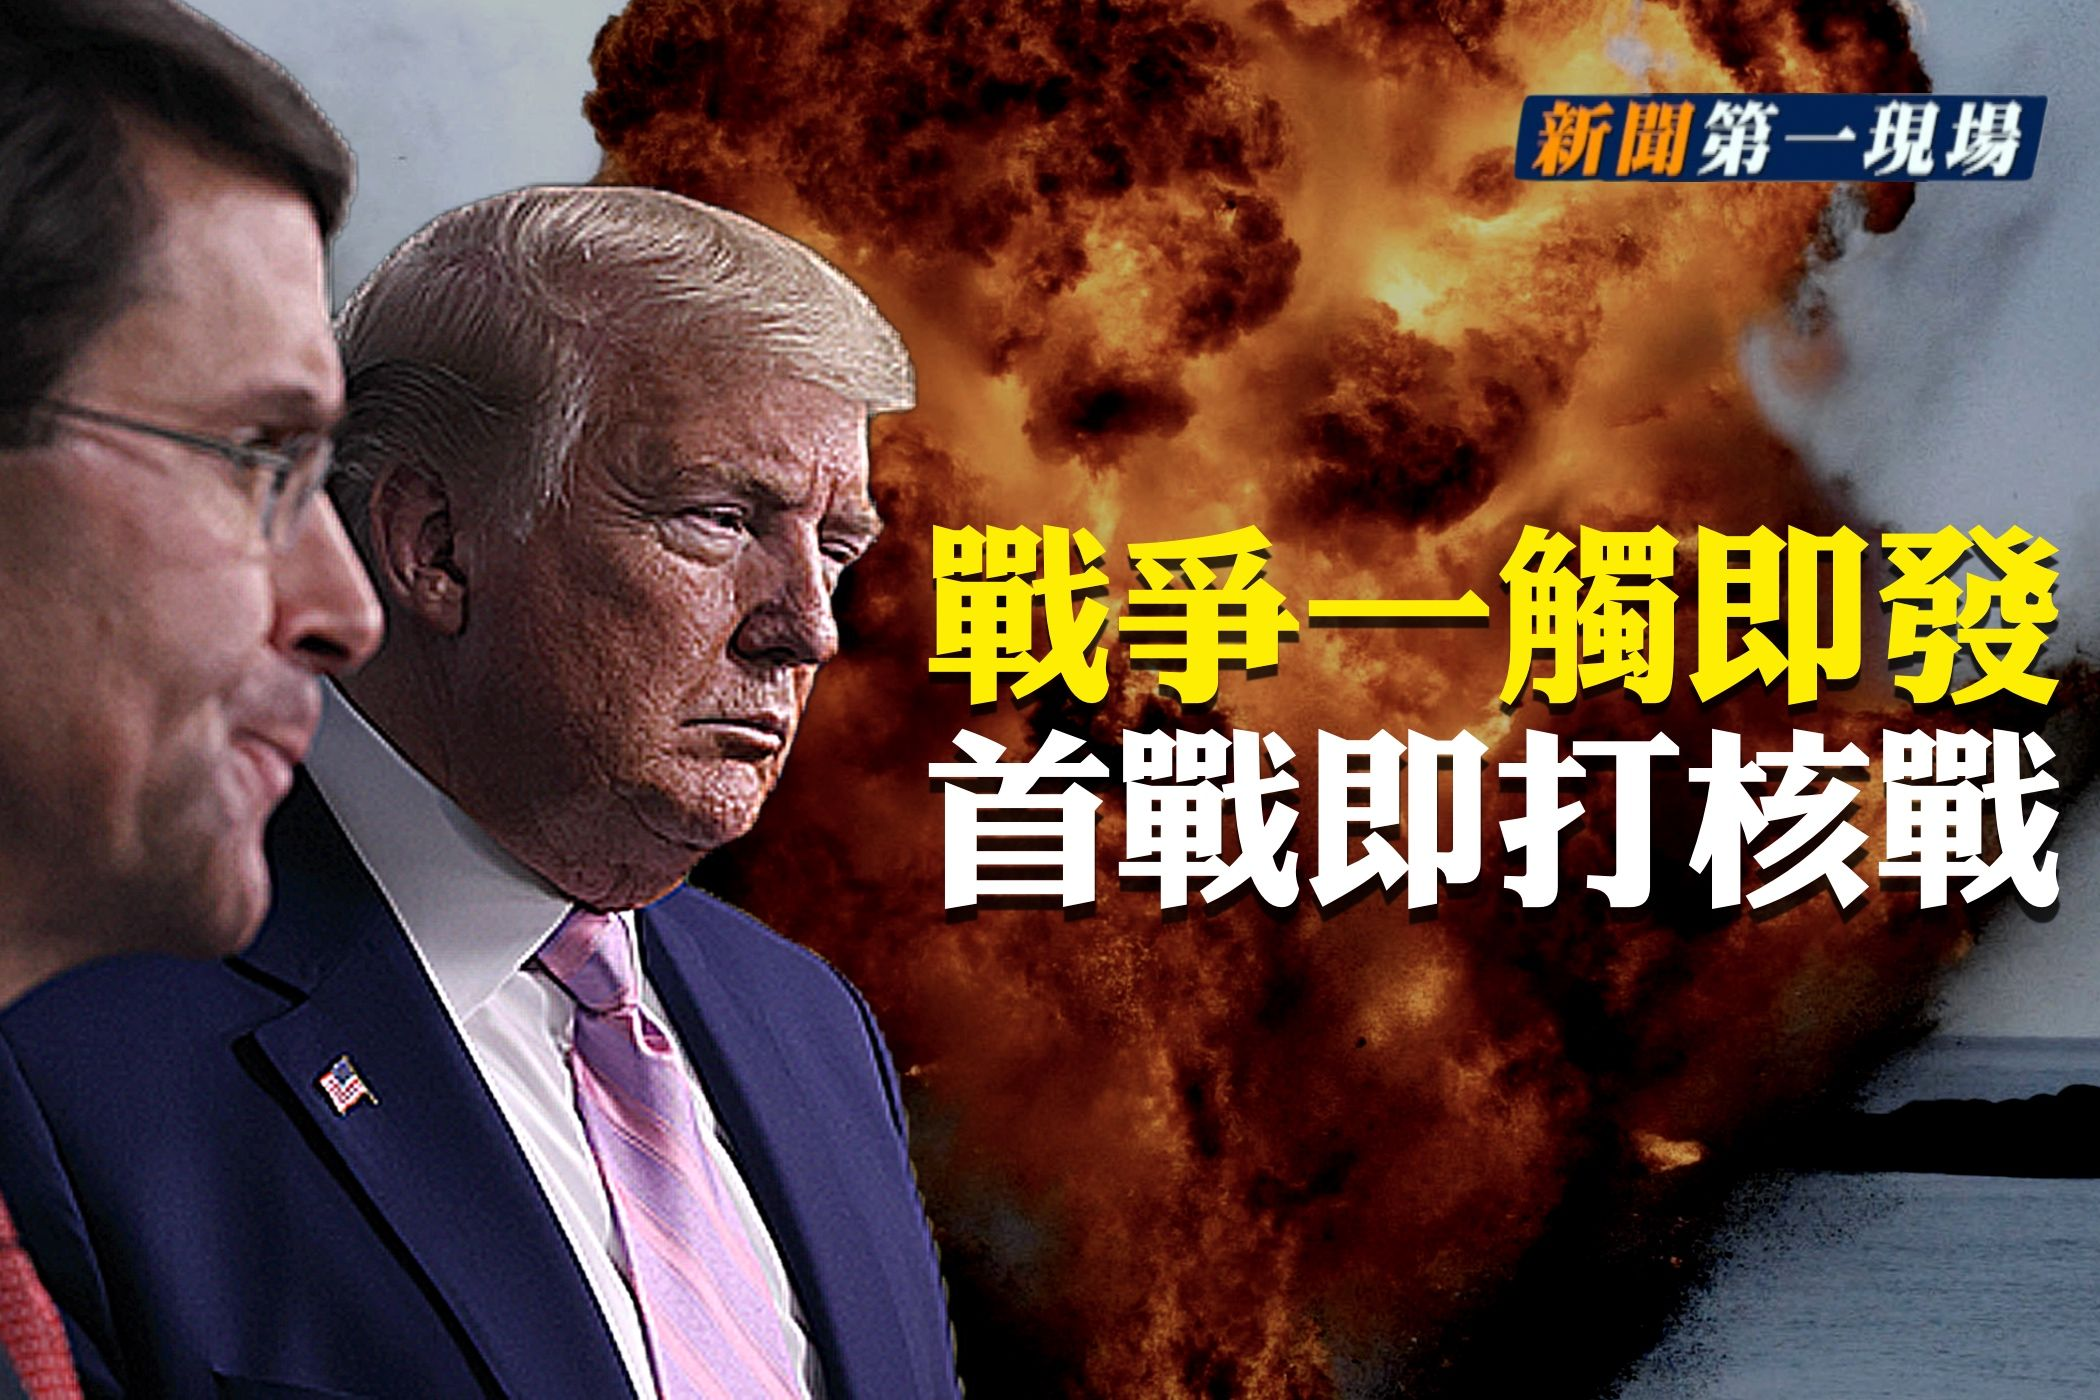 【新聞第一現場】姚城:中美首戰即打核戰